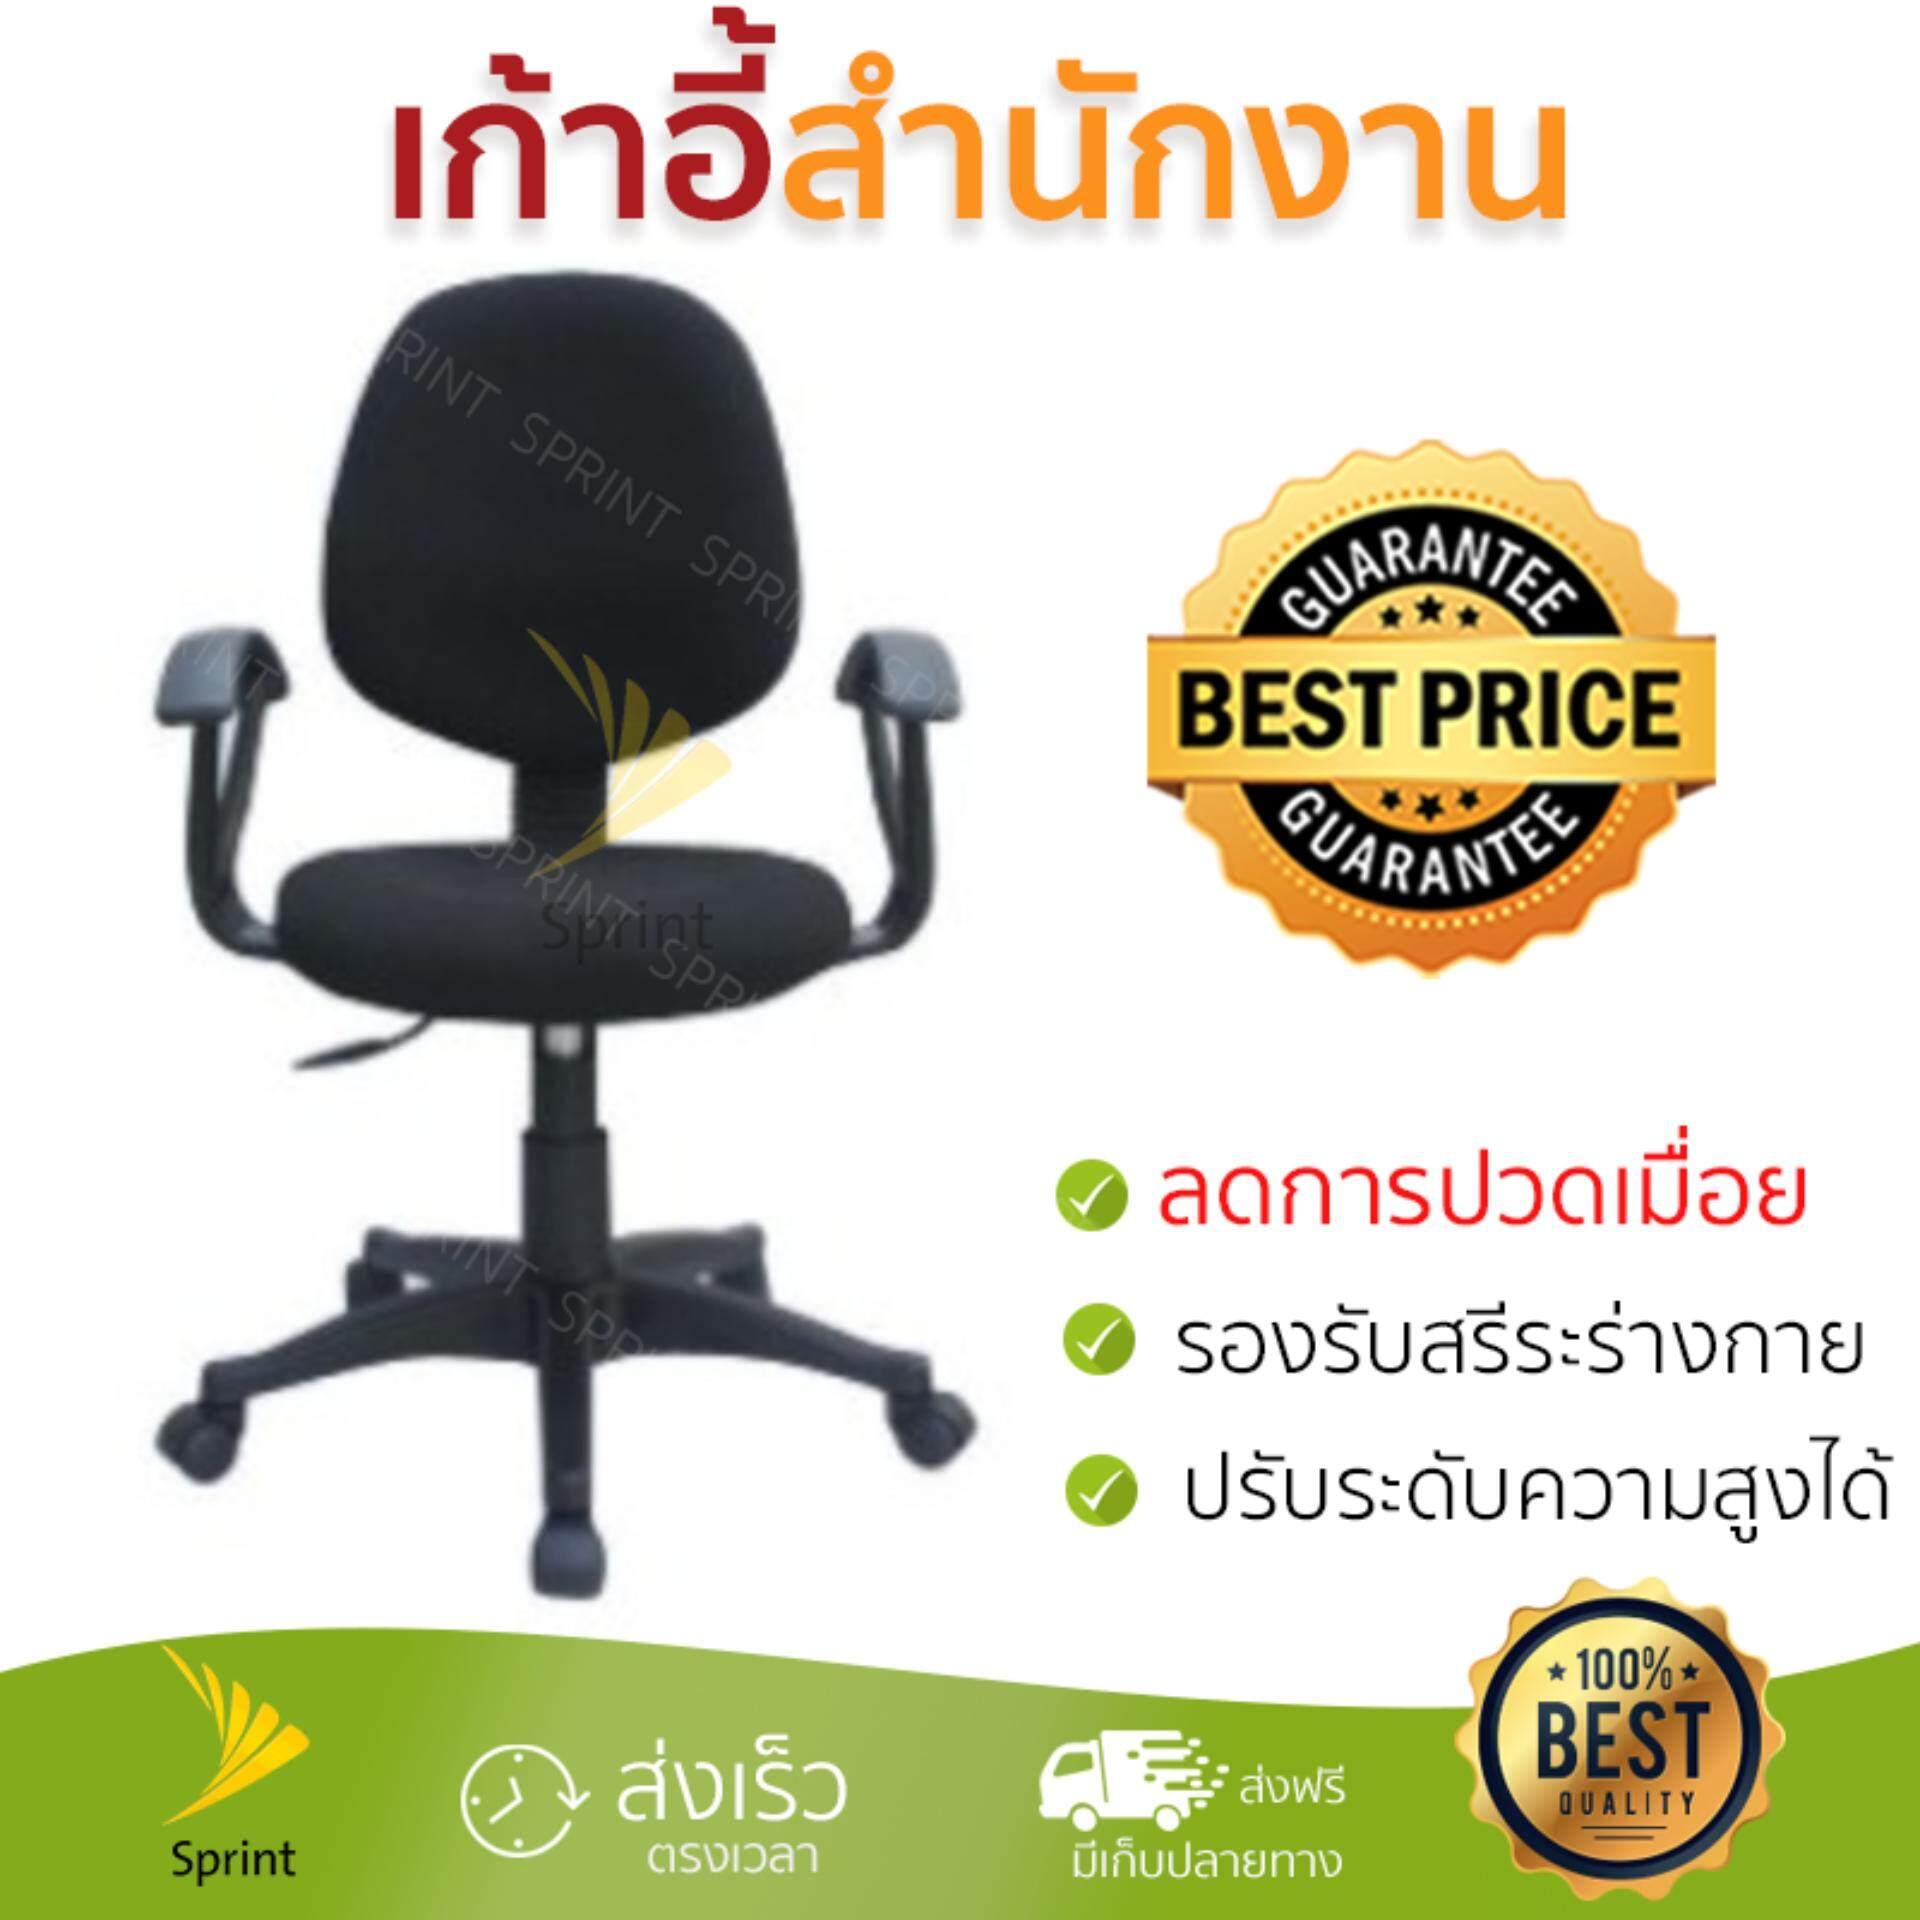 ขายดีมาก! ราคาพิเศษ เก้าอี้ทำงาน เก้าอี้สำนักงาน SMITH เก้าอี้สำนักงานLK3016  ลดอาการปวดเมื่อยลำคอและไหล่ เบาะนุ่มกำลังดี นั่งสบาย ไม่อึดอัด ปรับระดับความสูงได้ Office Chair จัดส่งฟรี kerry ทั่วประเทศ